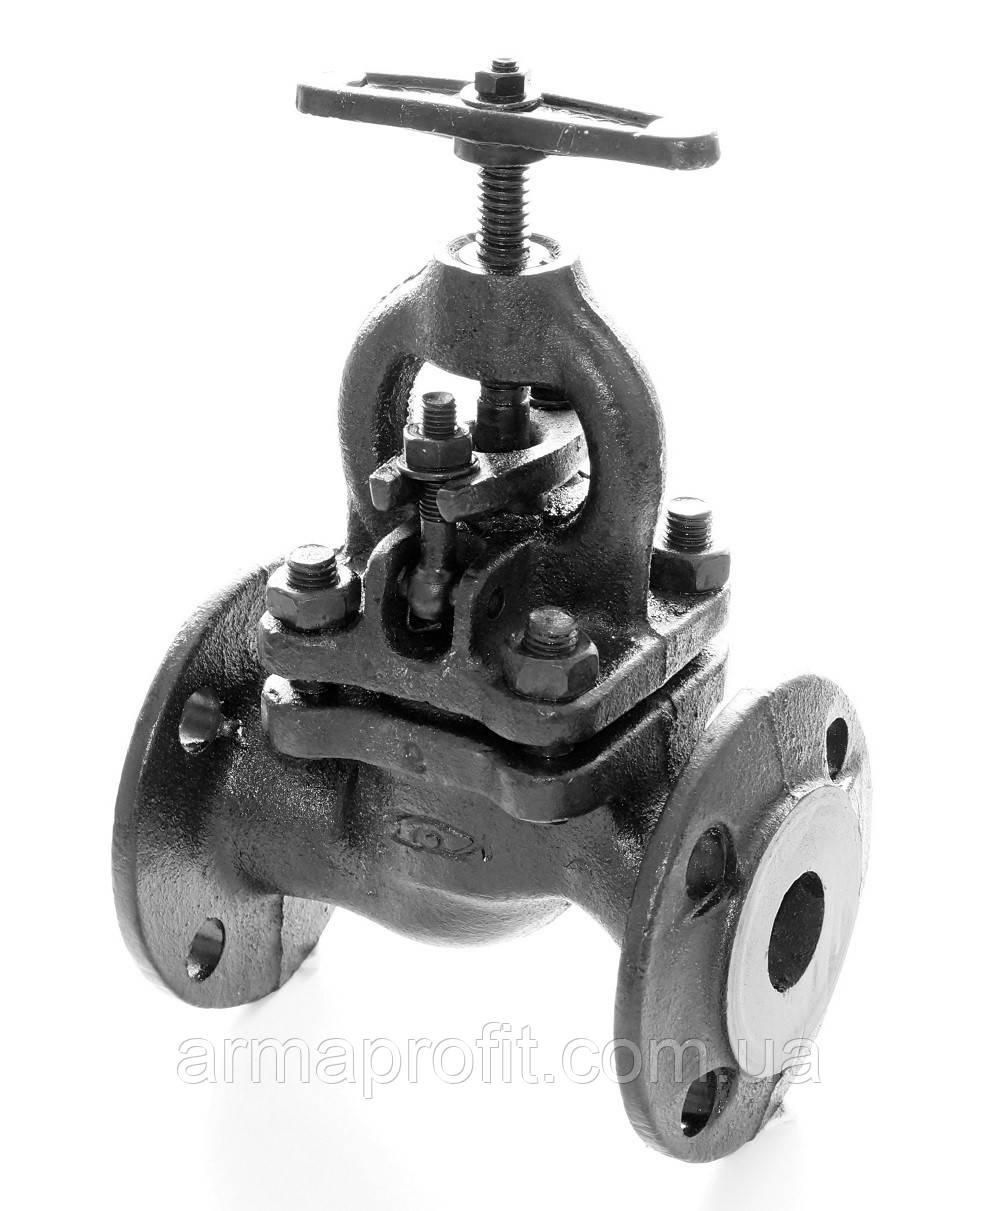 Клапан запорный чугунный 15кч16п1 фланцевый (Украина) Ду32 Ру25